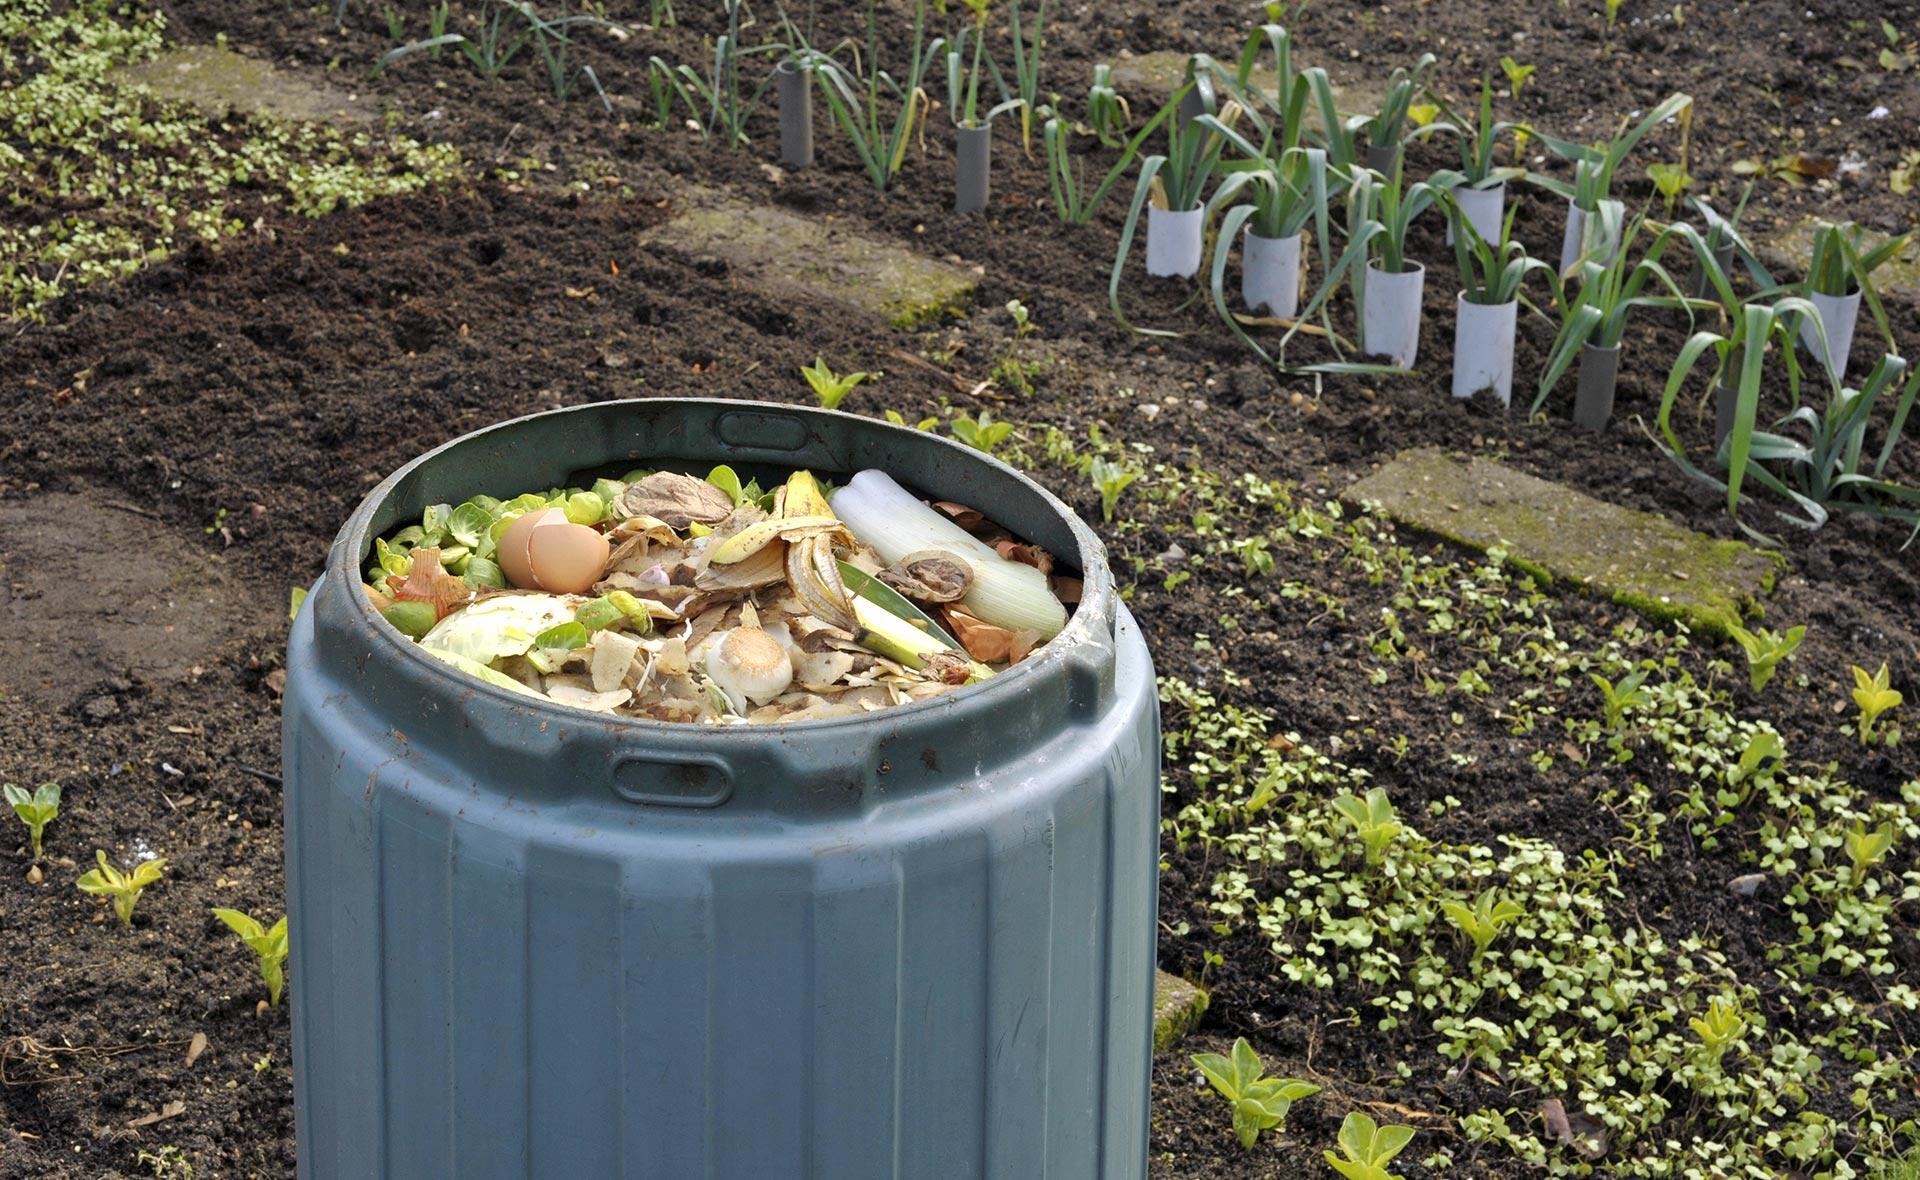 BBVA-podcast-futuro-sostenible-compost-abono-organico-casa